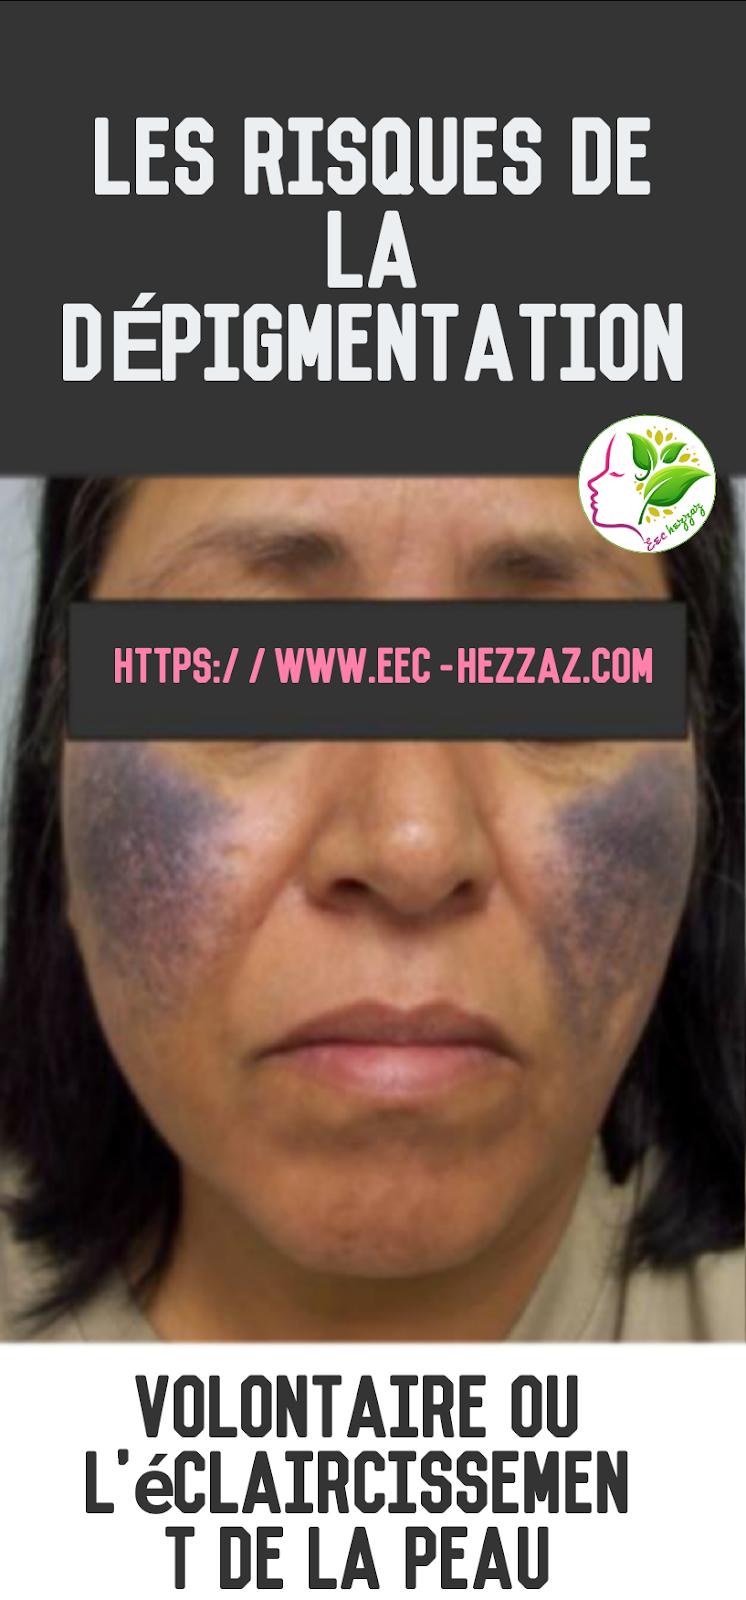 Les risques de la dépigmentation volontaire ou l'éclaircissement de la peau